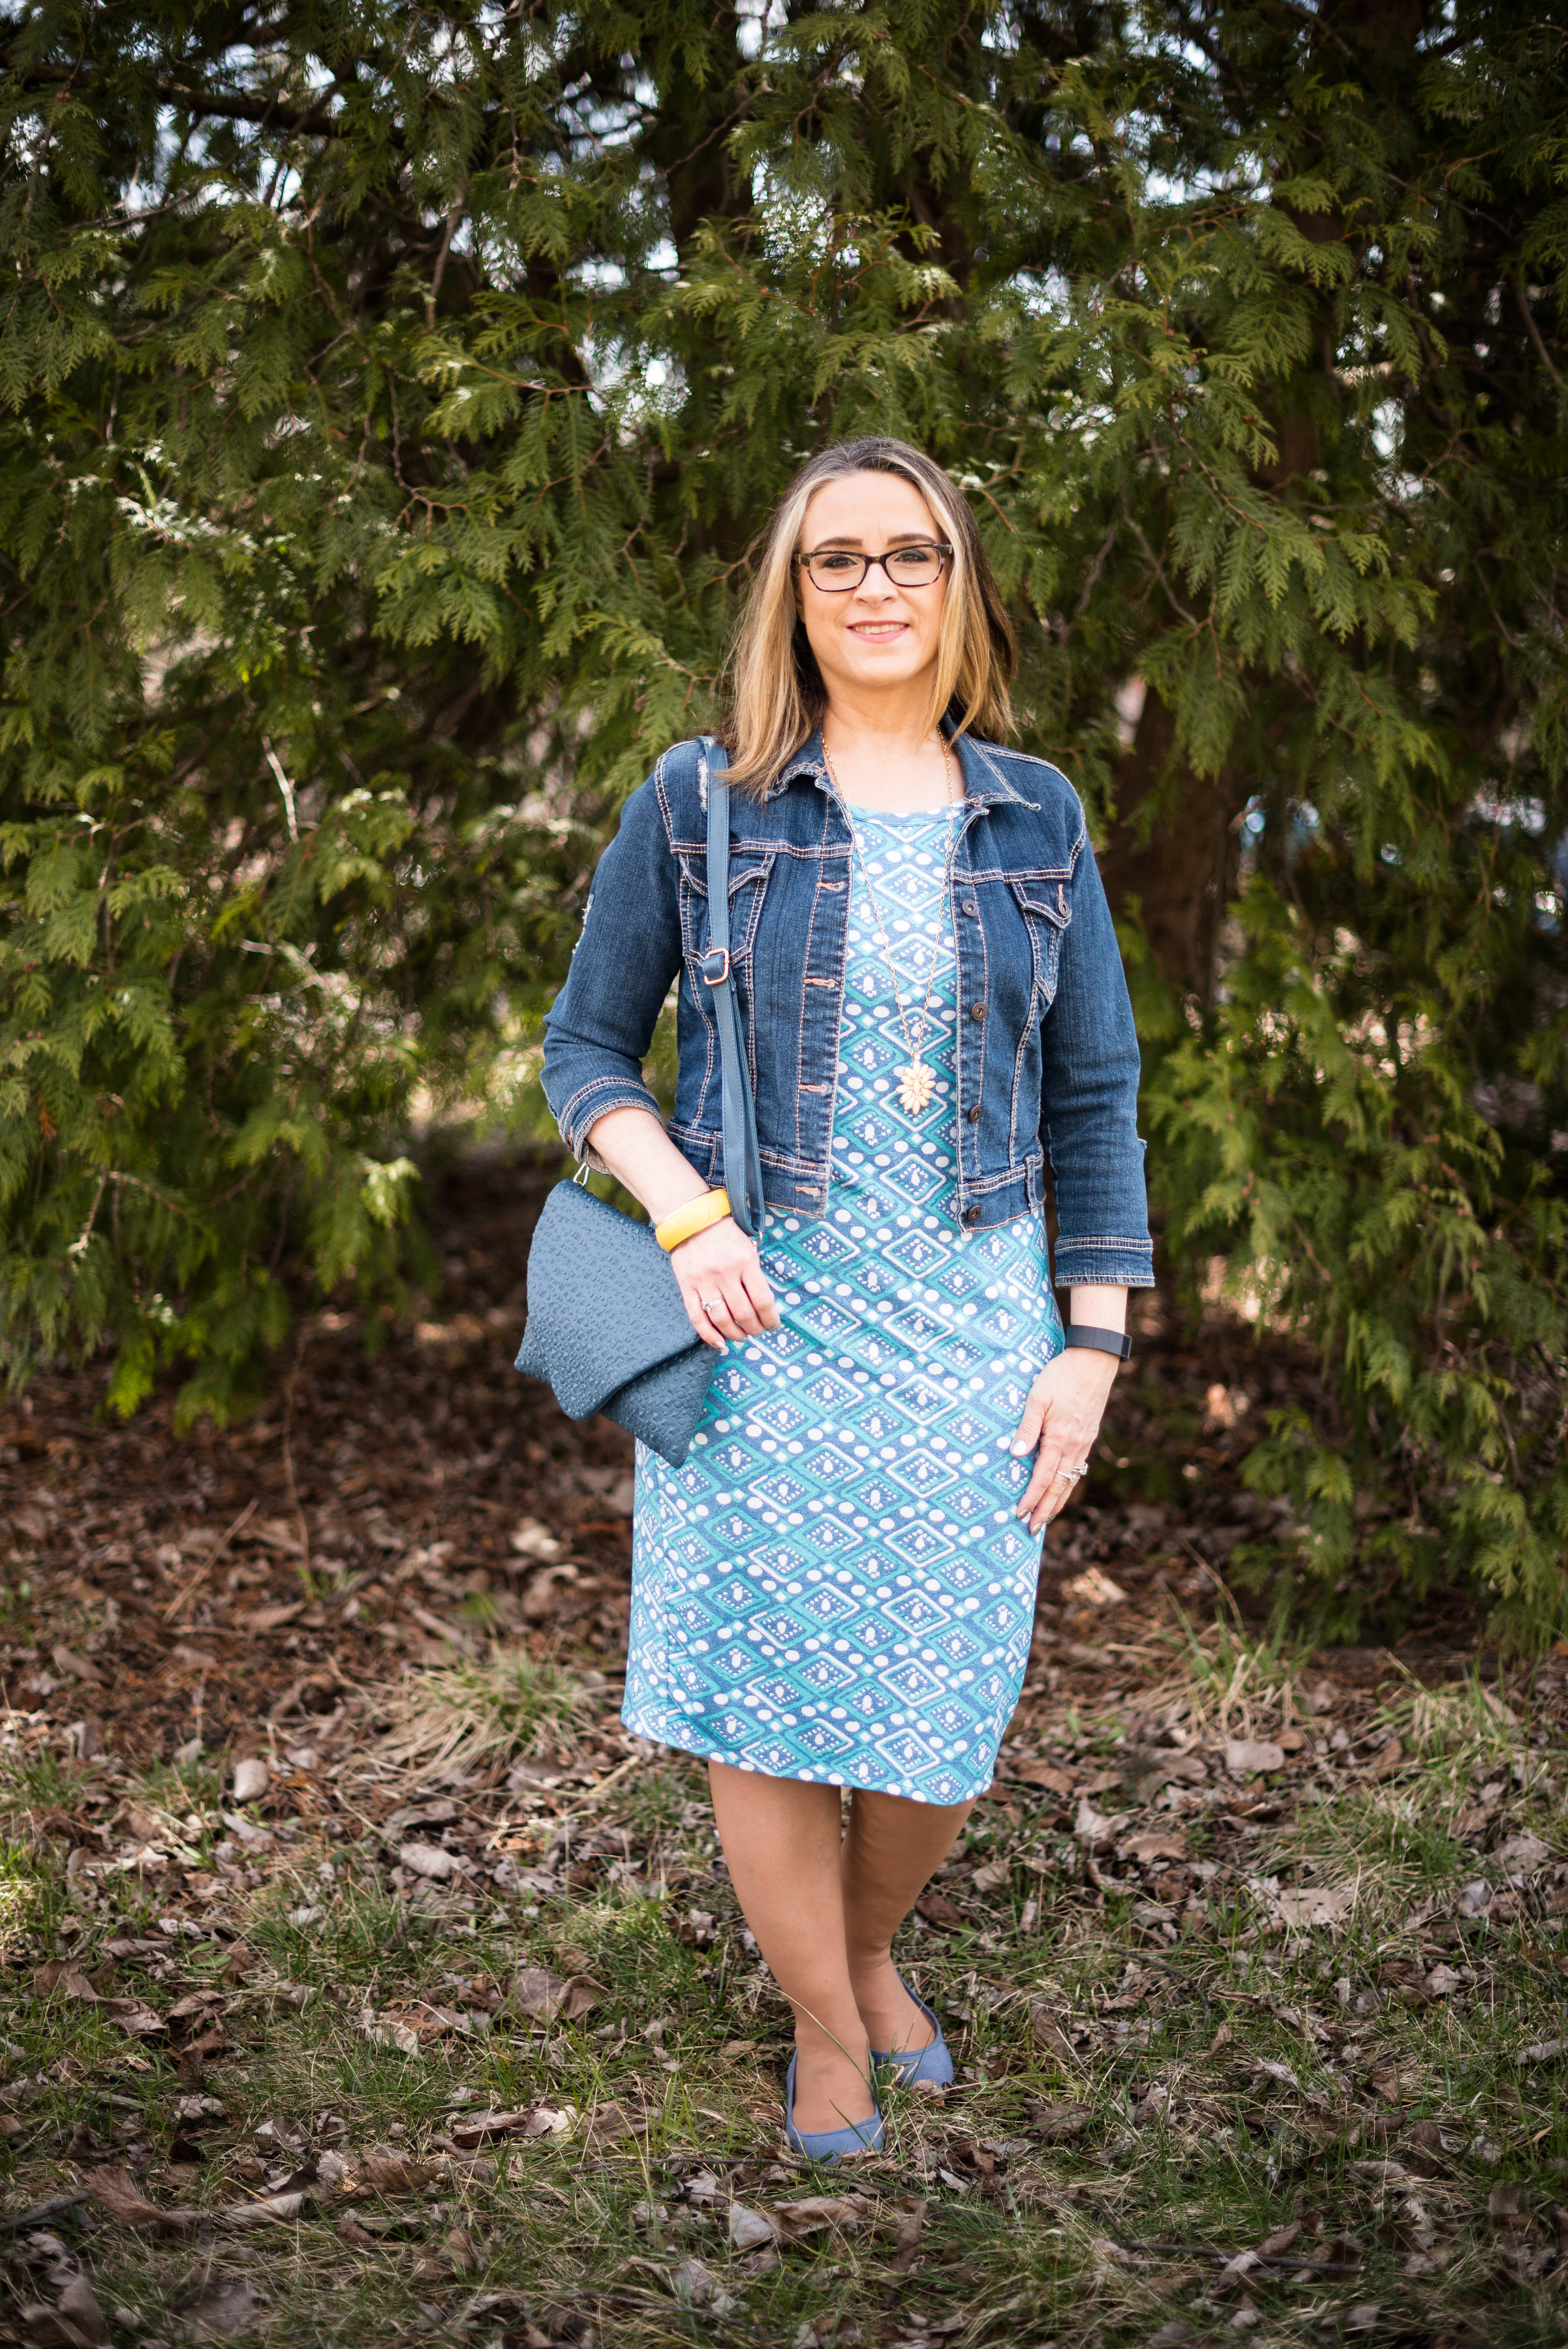 Outfit Inspiration - LuLaRoe